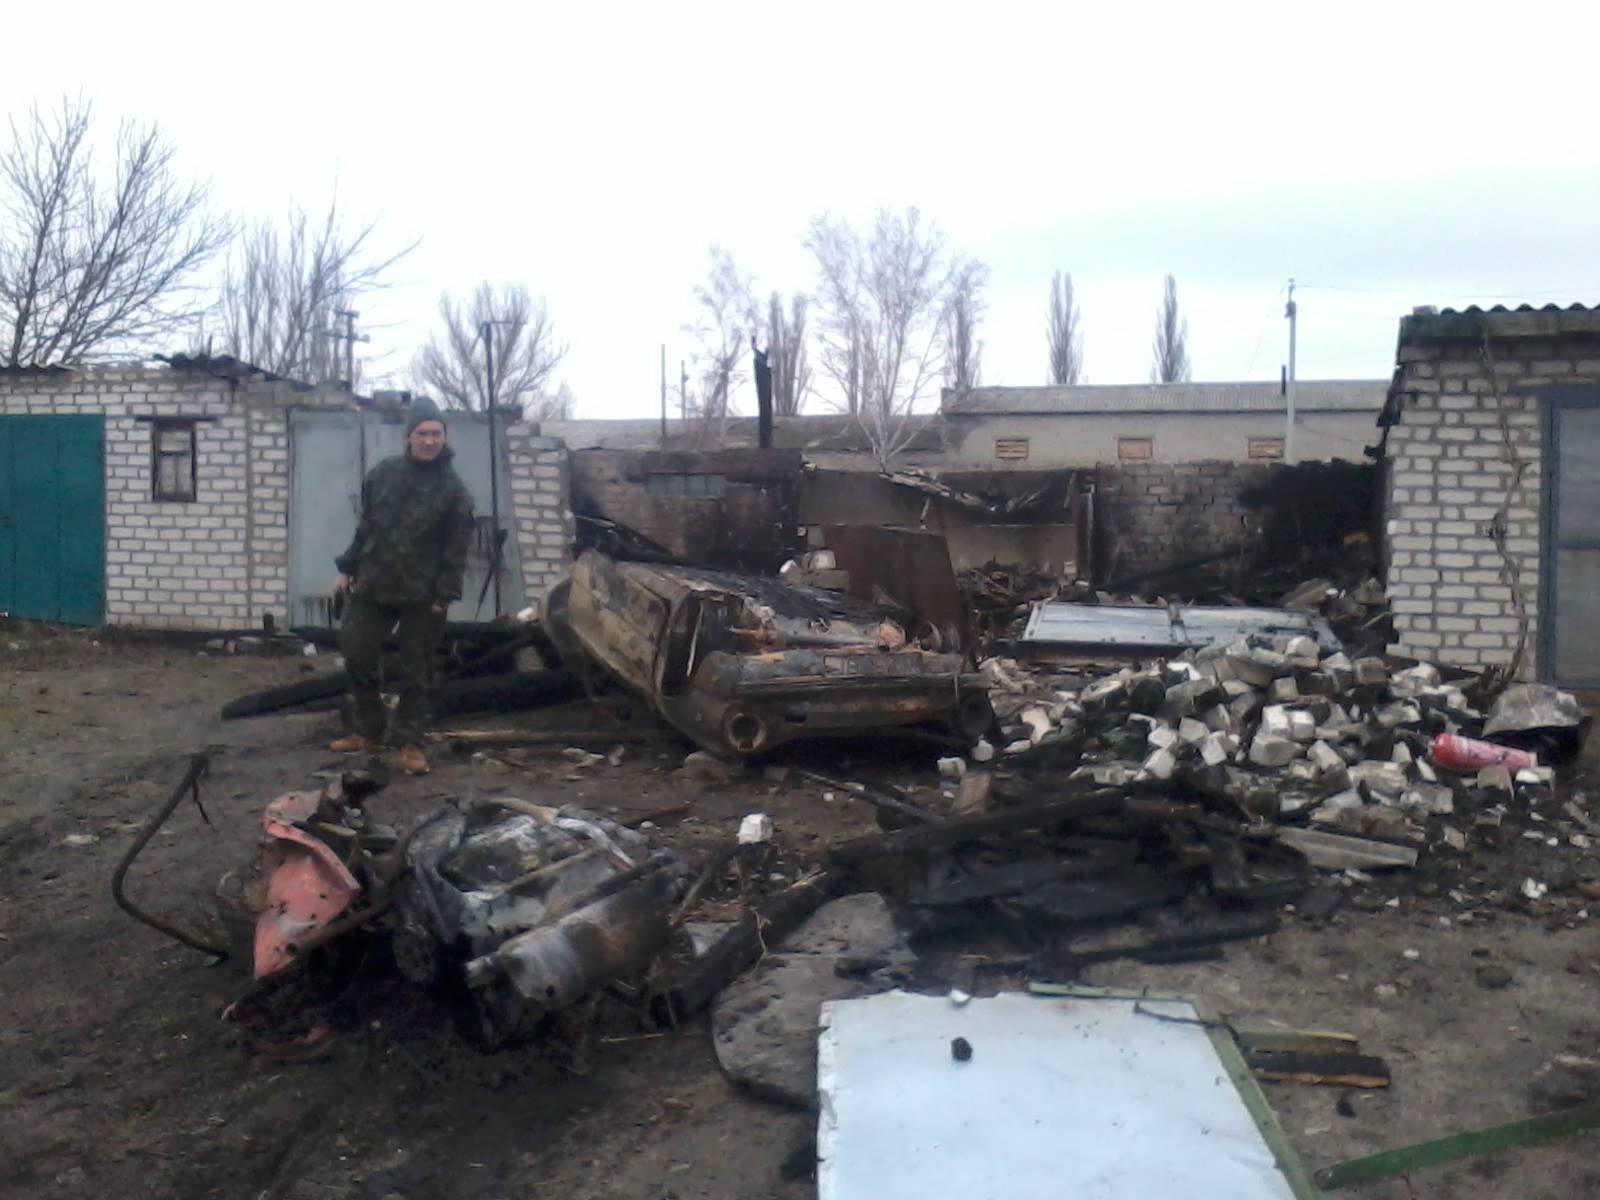 ОБСЕ: в результате обстрела Кировского района Донецка погибли 6 человек, 25 ранены